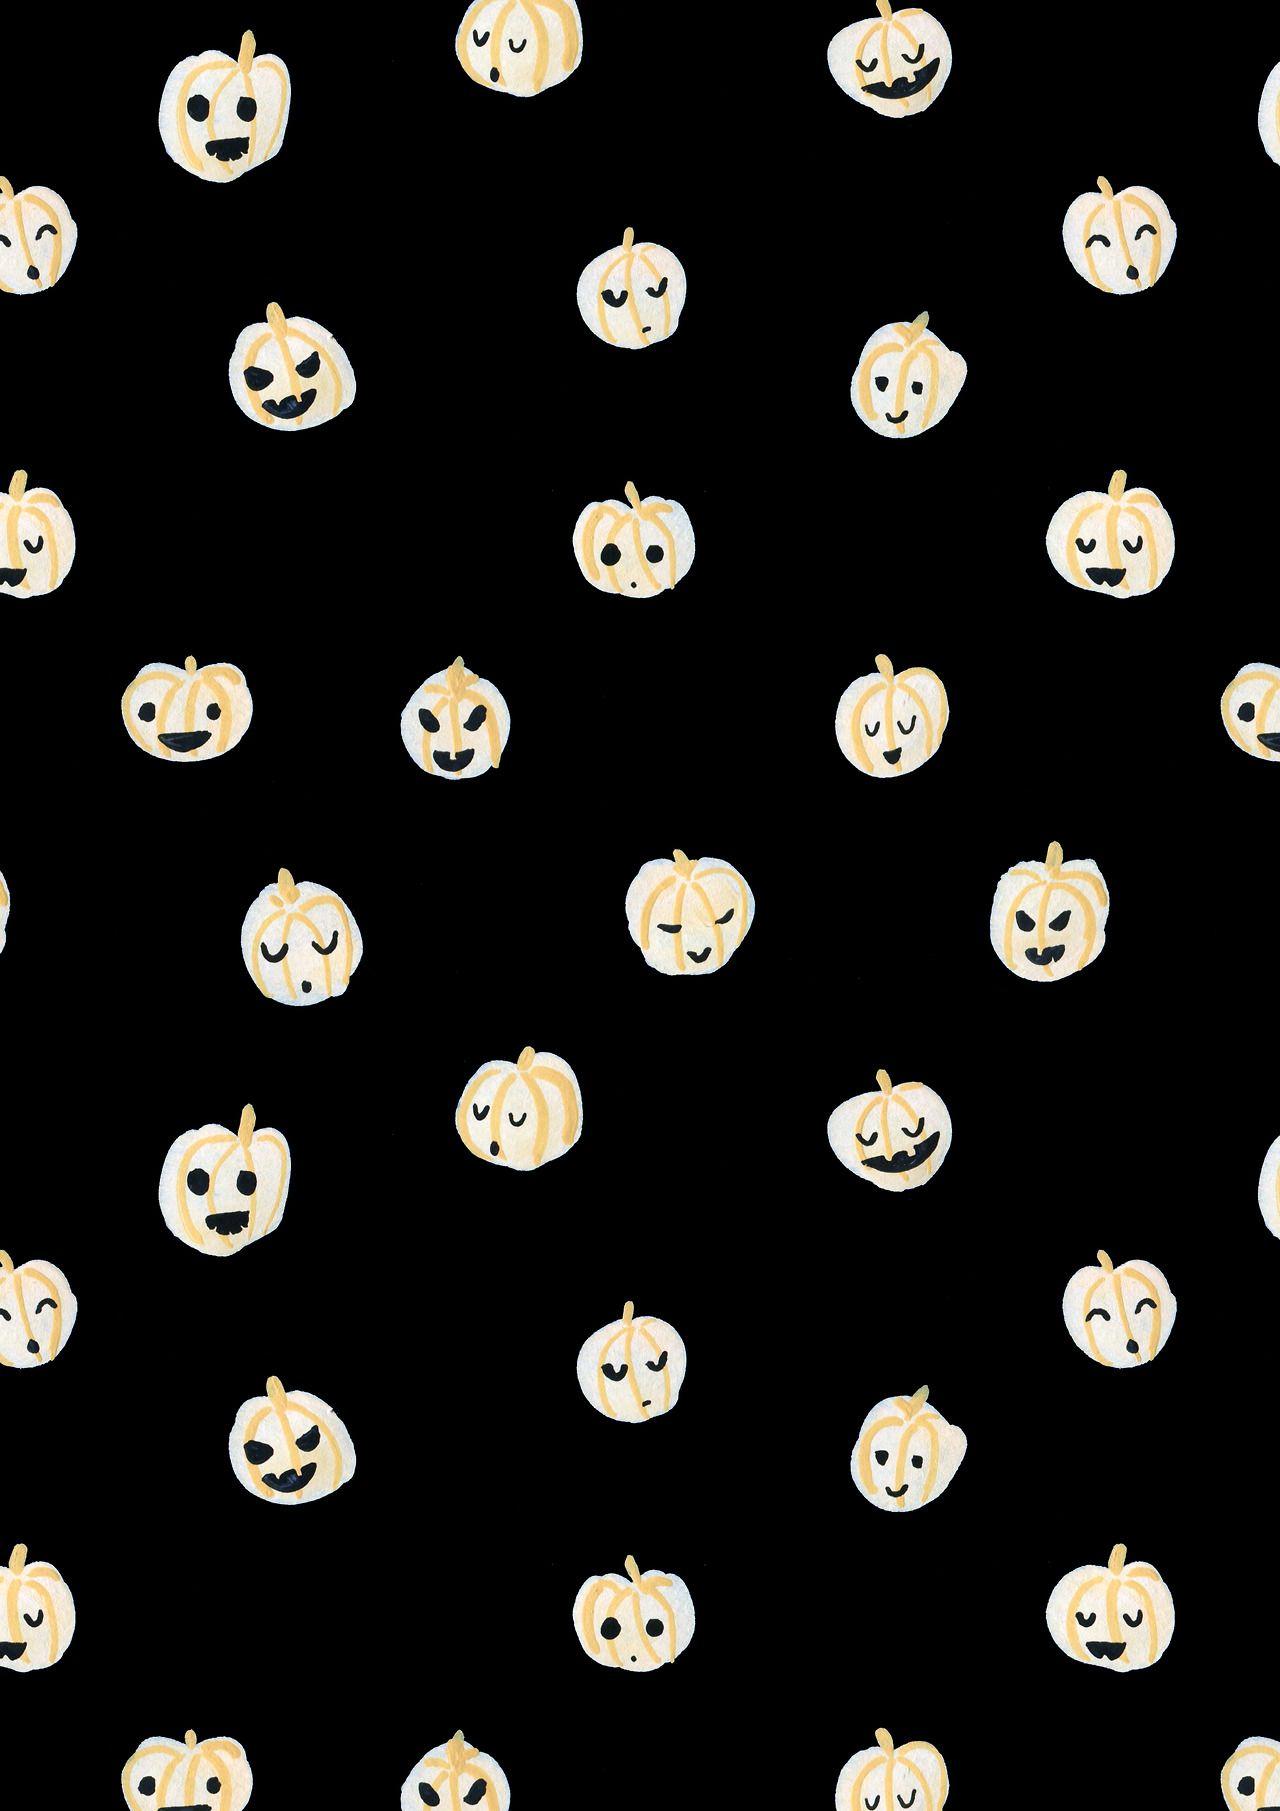 Autumn / Fall / Halloween cute pumpkin pattern design